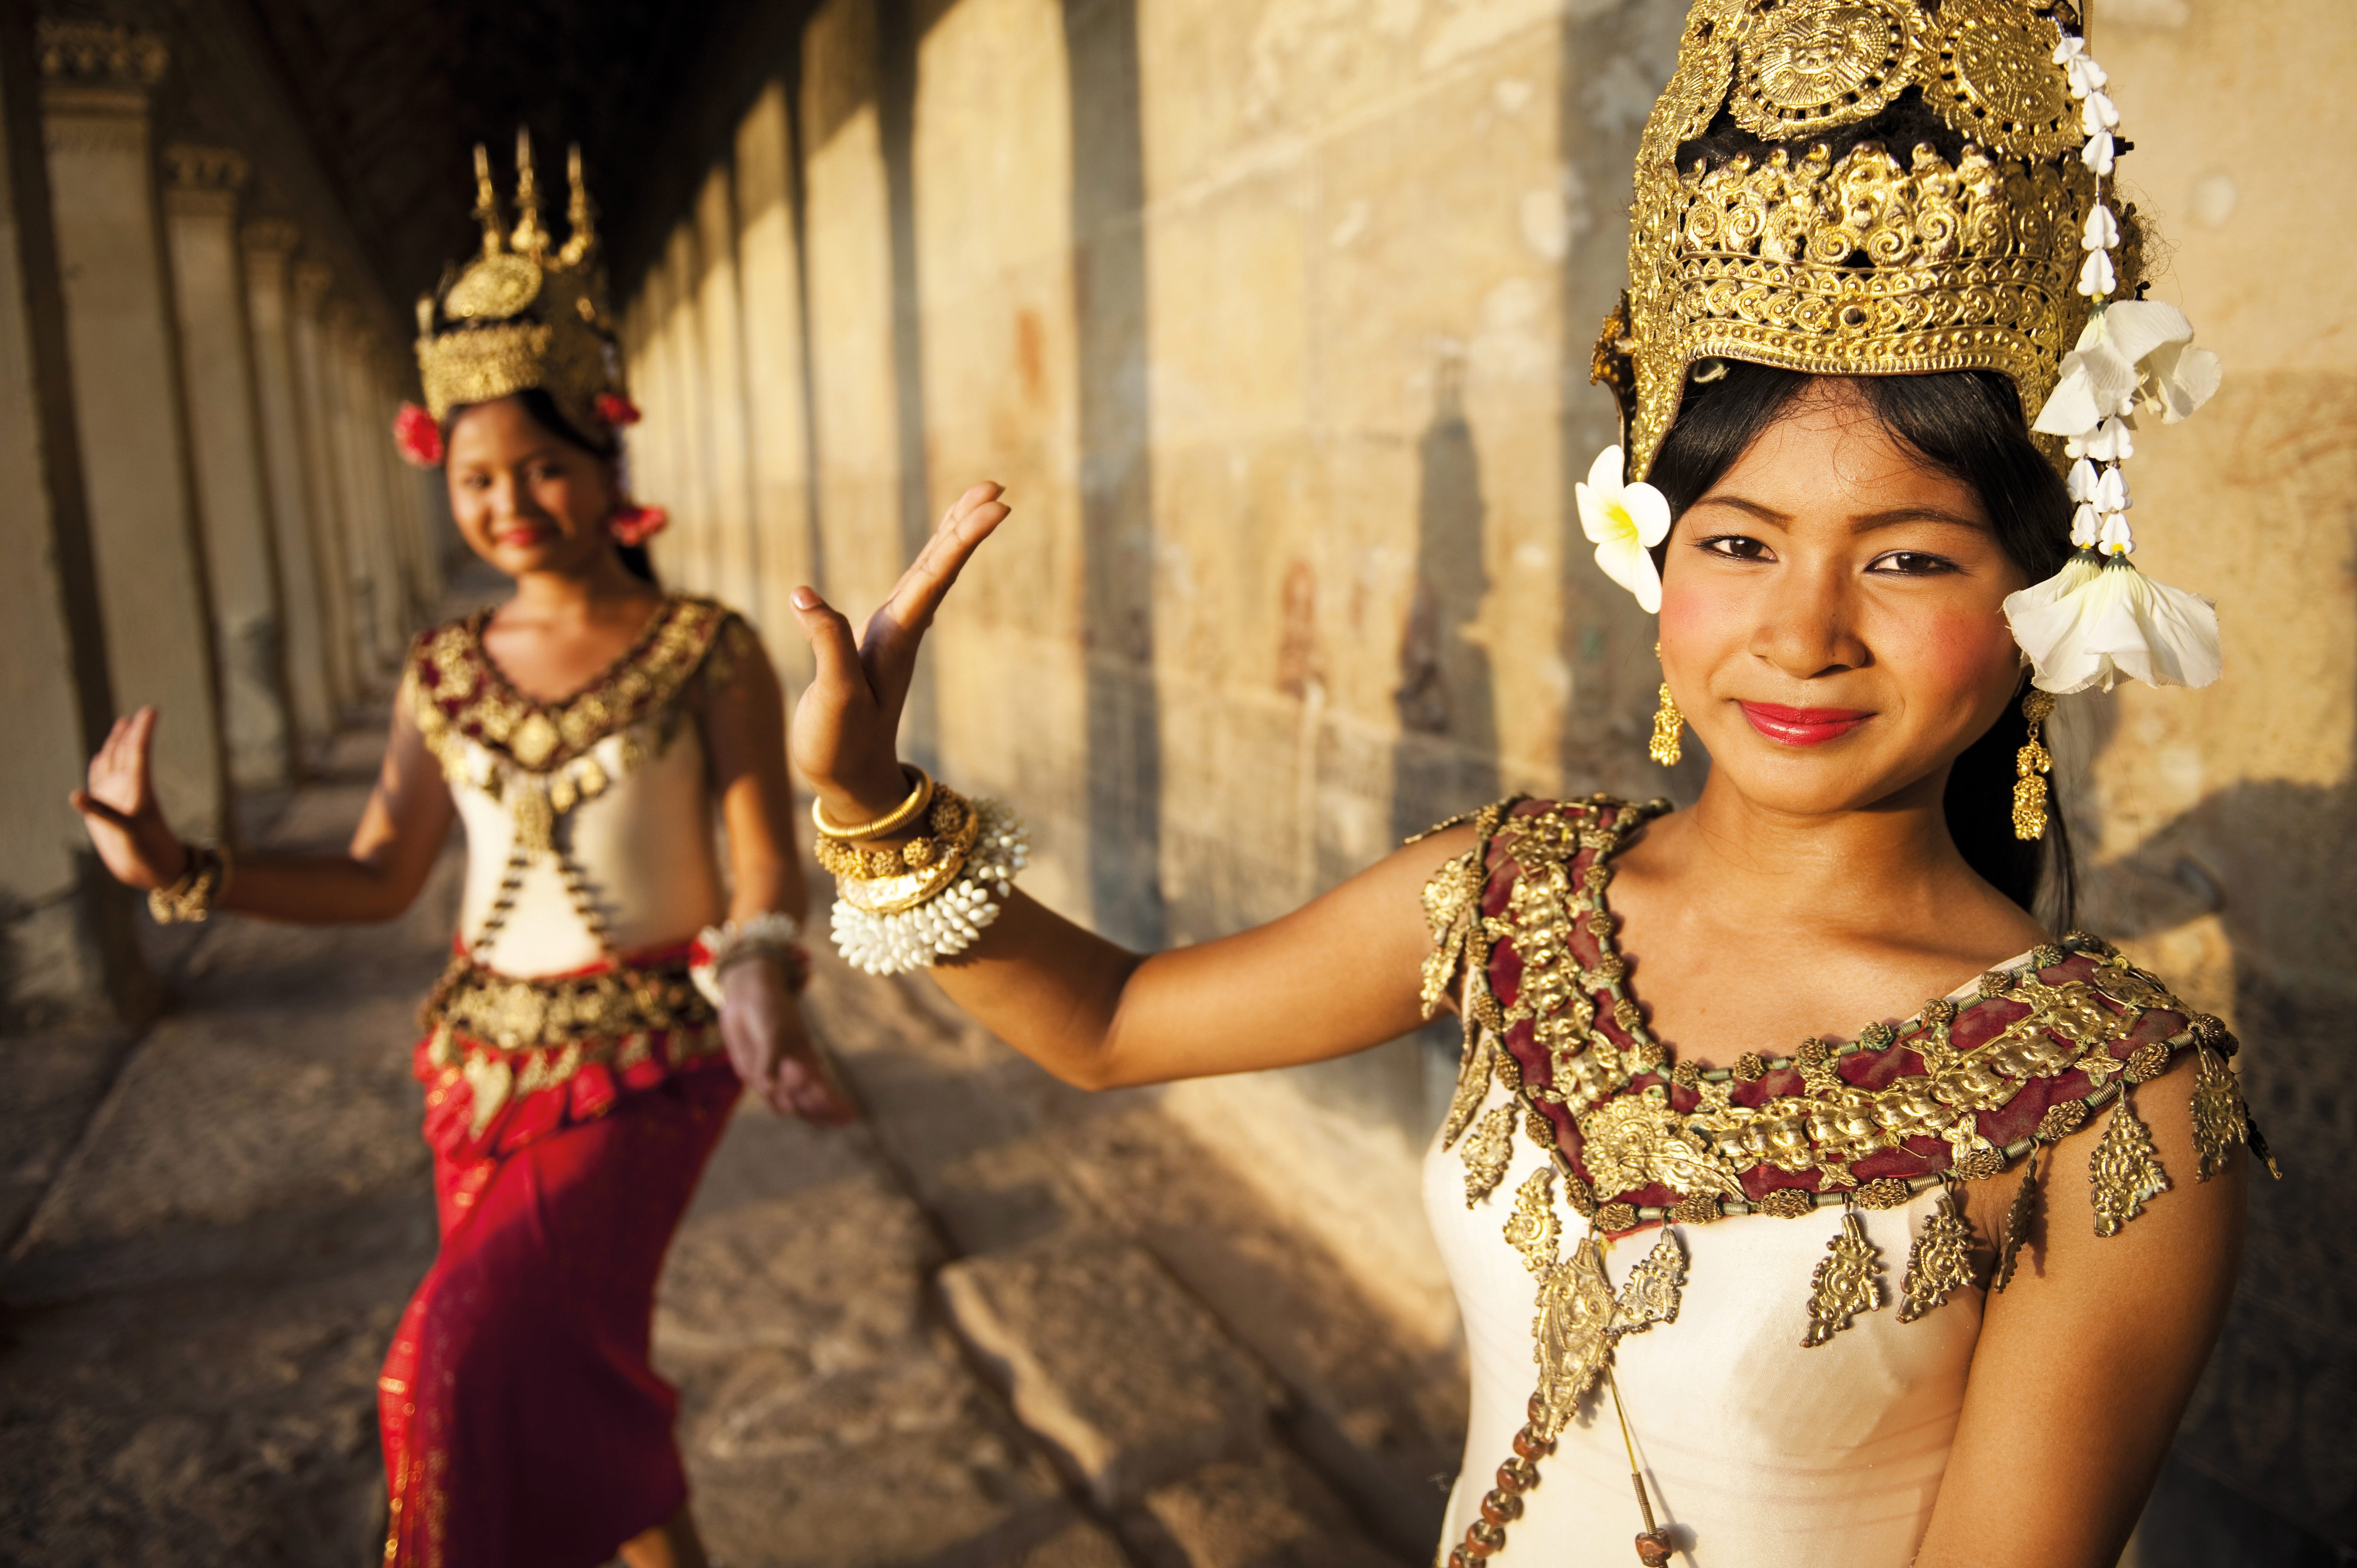 Thailand, Laos & Kambodscha: Die ausführliche Reise